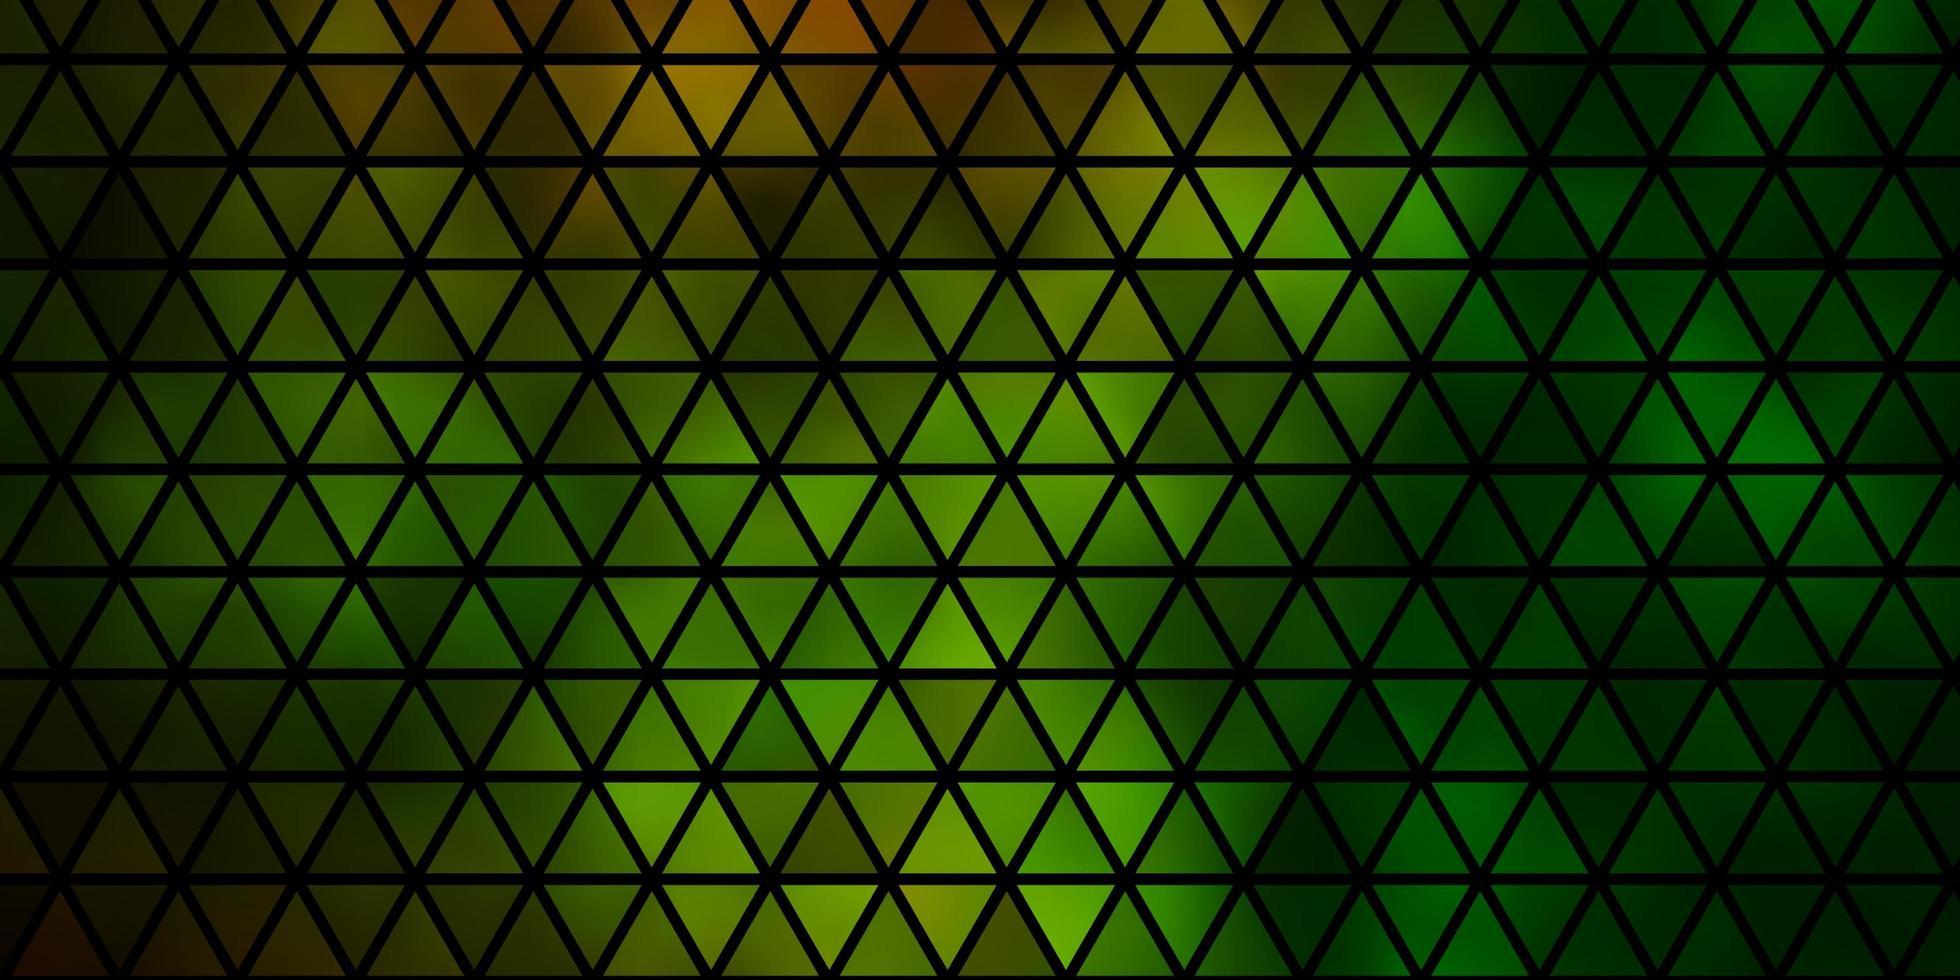 sfondo vettoriale verde scuro, giallo con linee, triangoli.